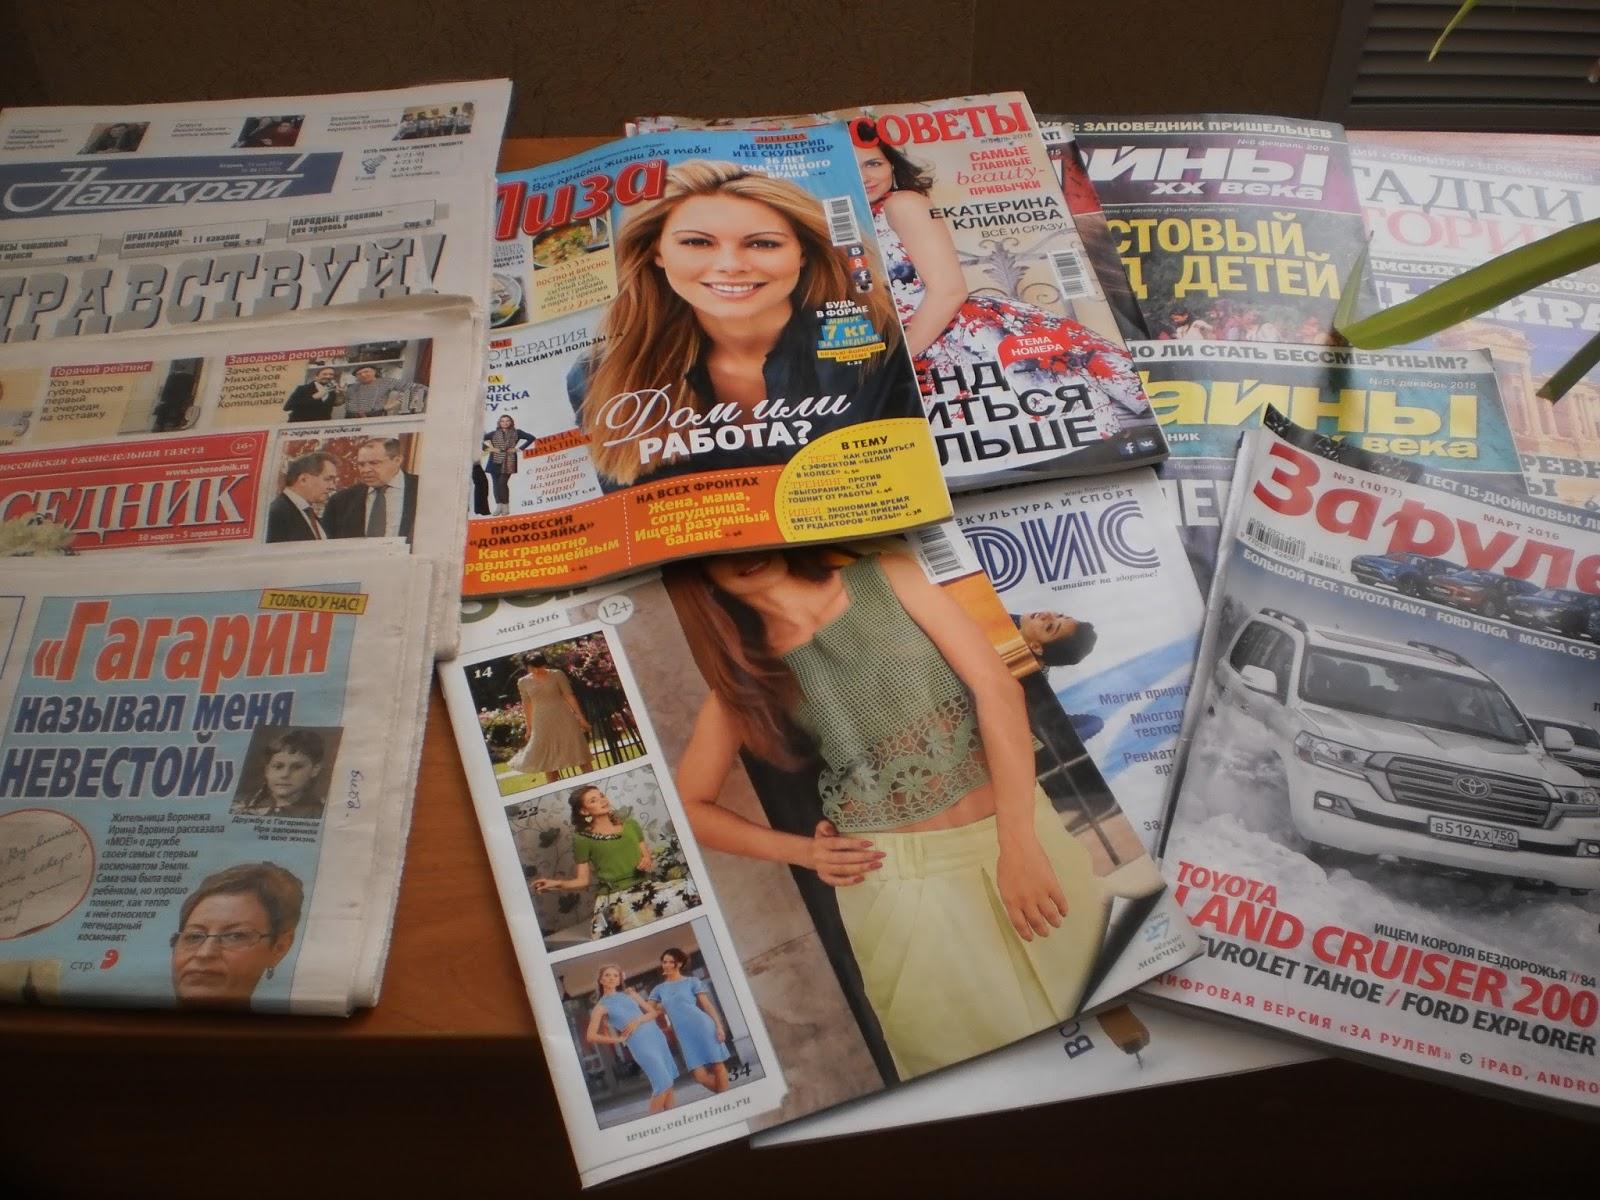 Печать переодических журналов в Москве | фото 8